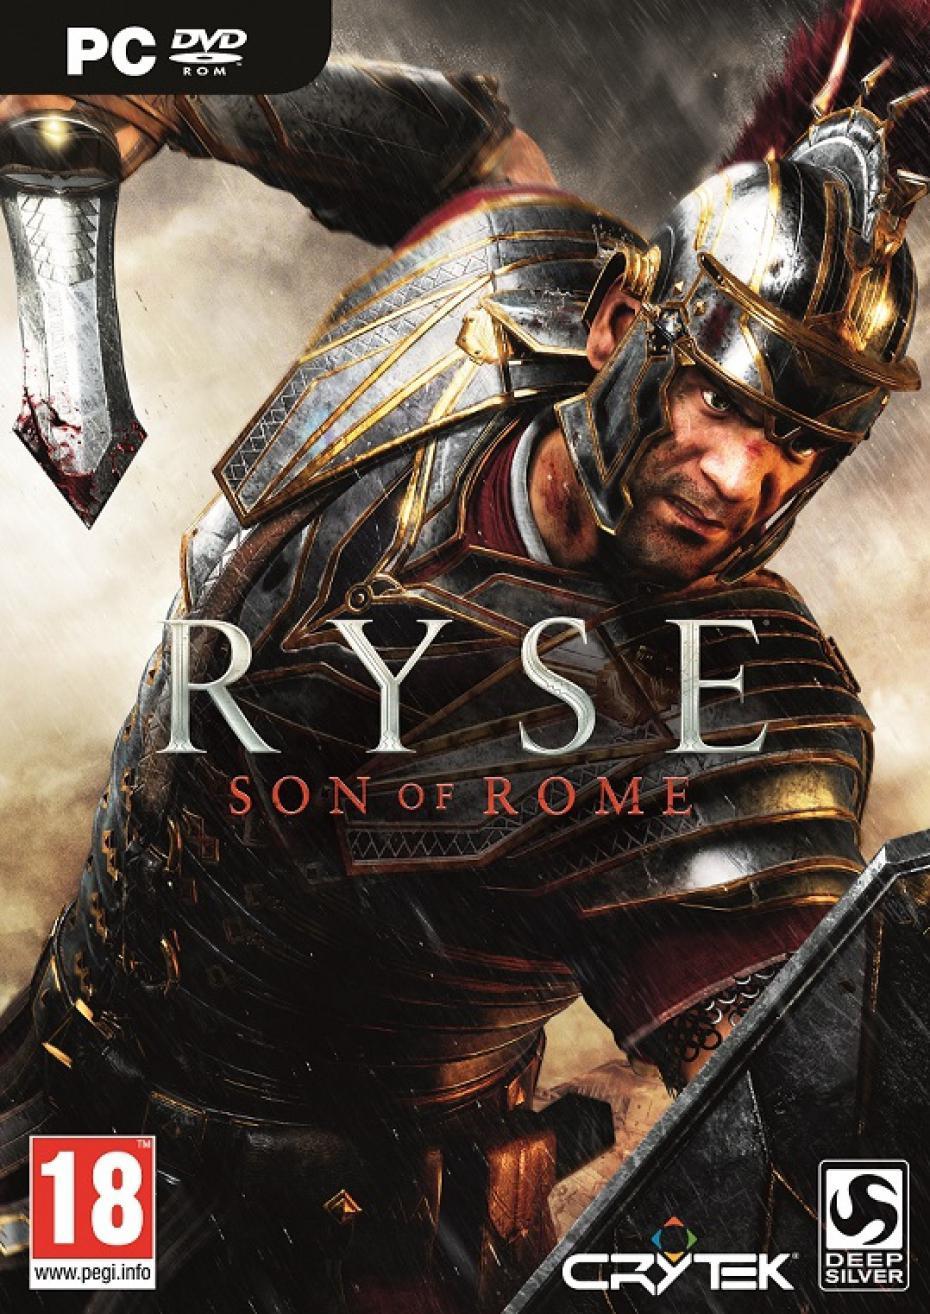 Игра ryse son of rome скачать торрент на пк.